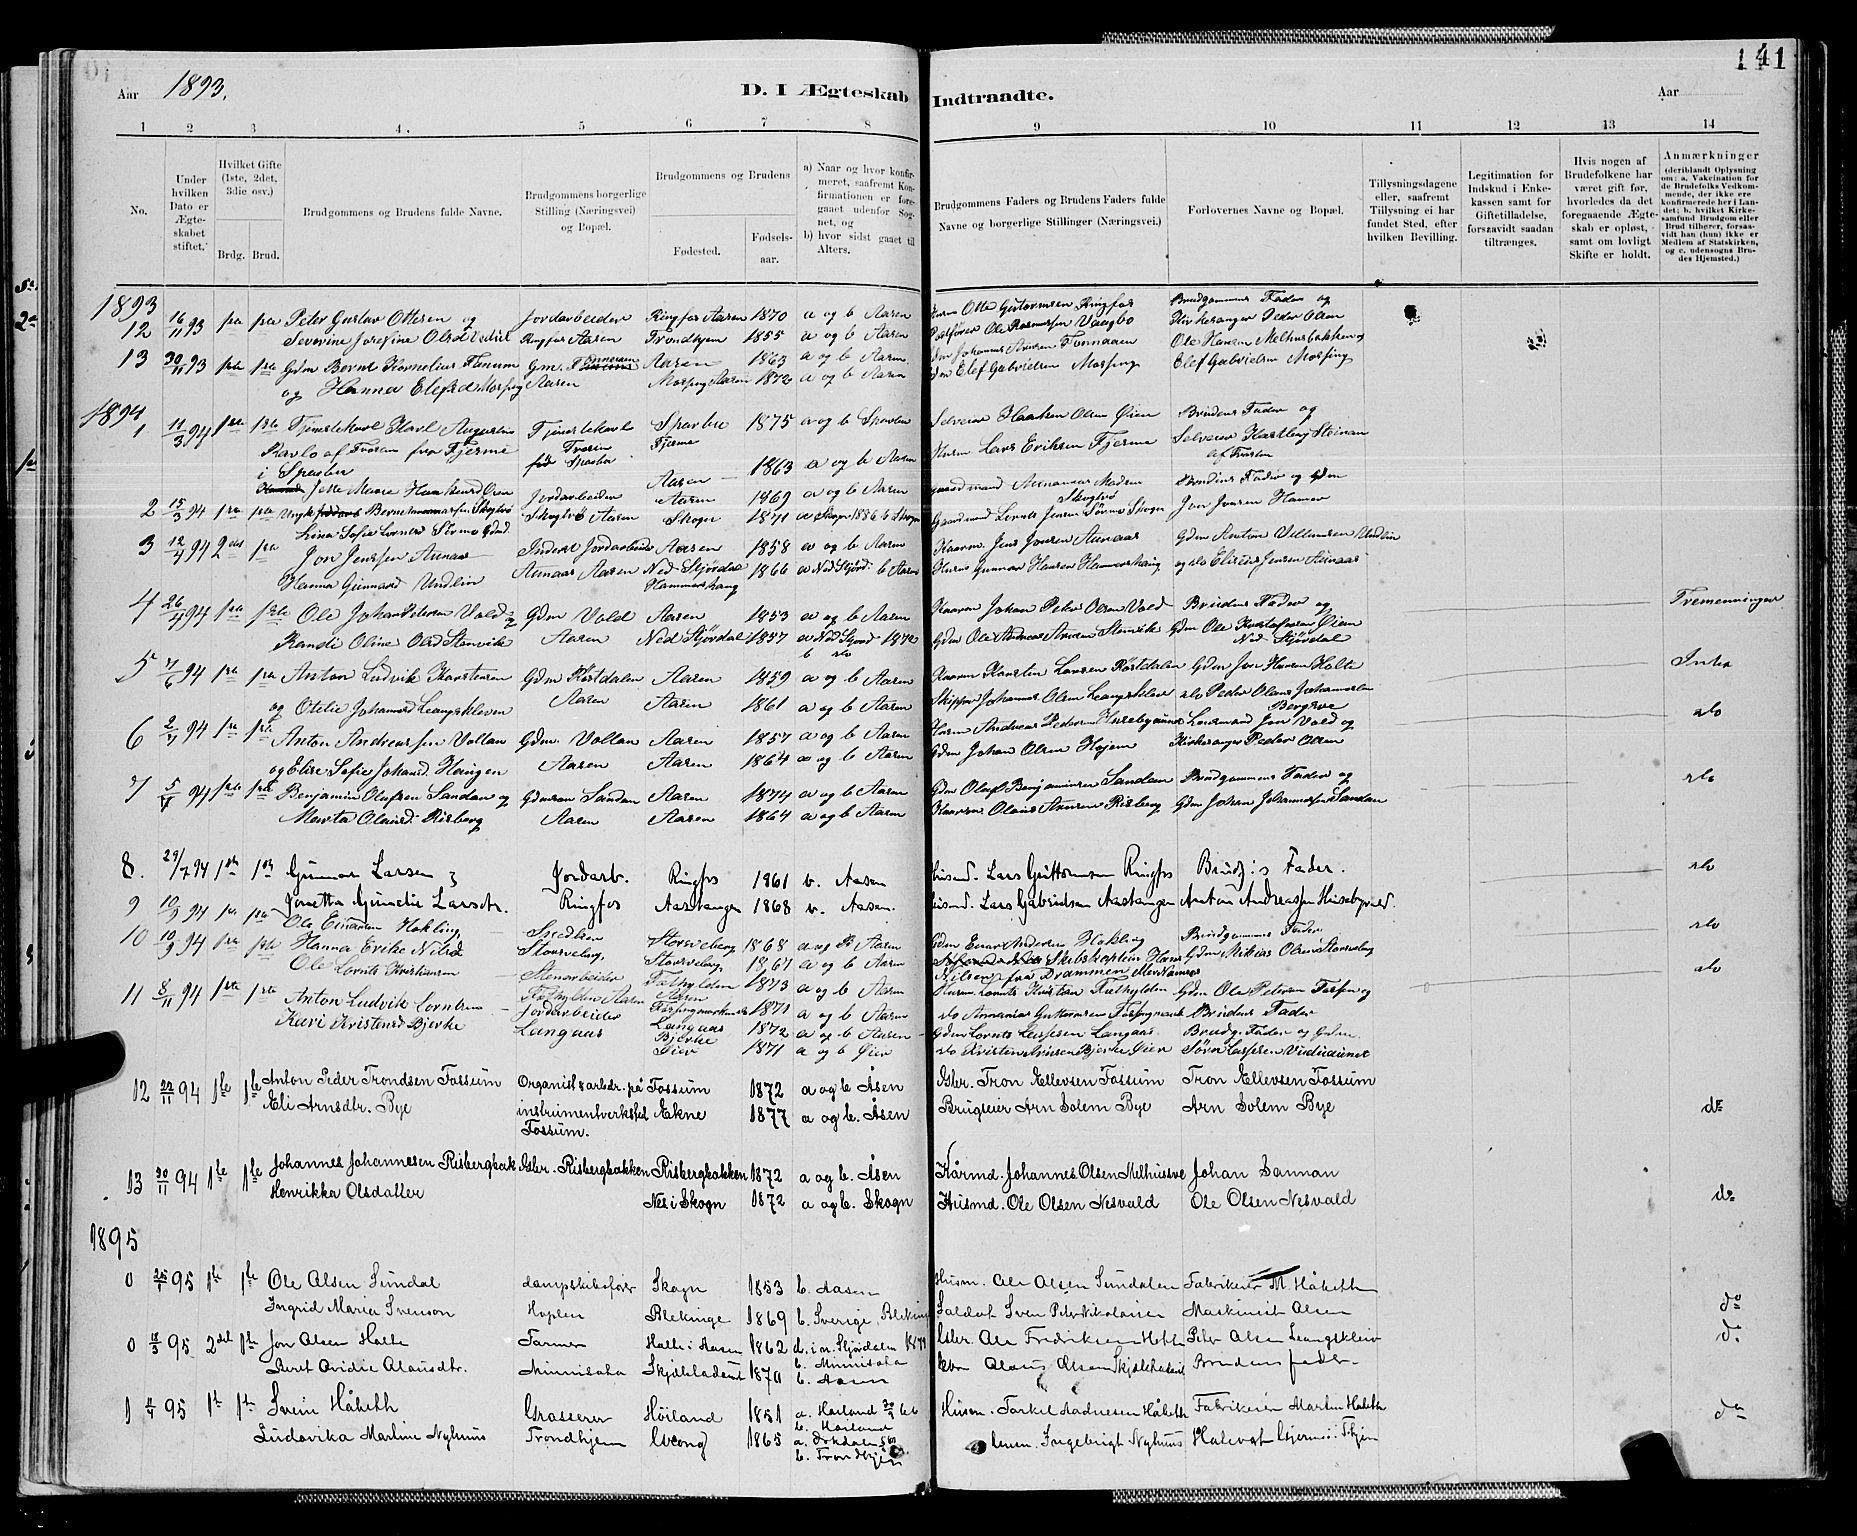 SAT, Ministerialprotokoller, klokkerbøker og fødselsregistre - Nord-Trøndelag, 714/L0134: Klokkerbok nr. 714C03, 1878-1898, s. 141